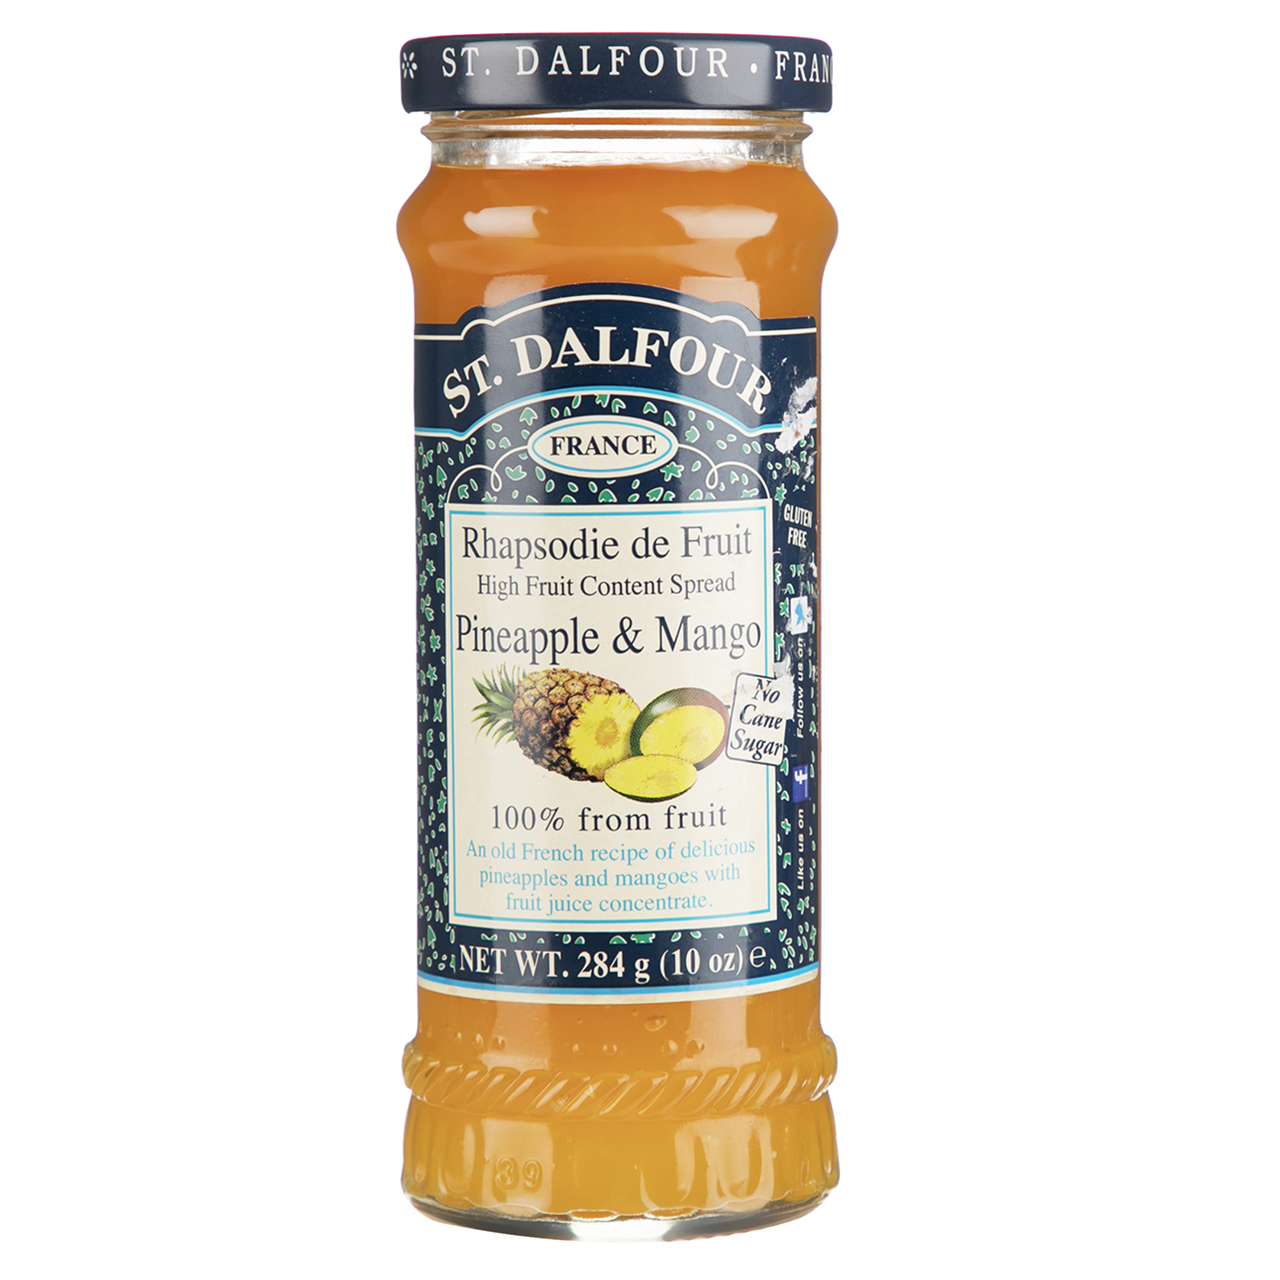 مربا آناناس و انبه سن دالفور - 284 گرم